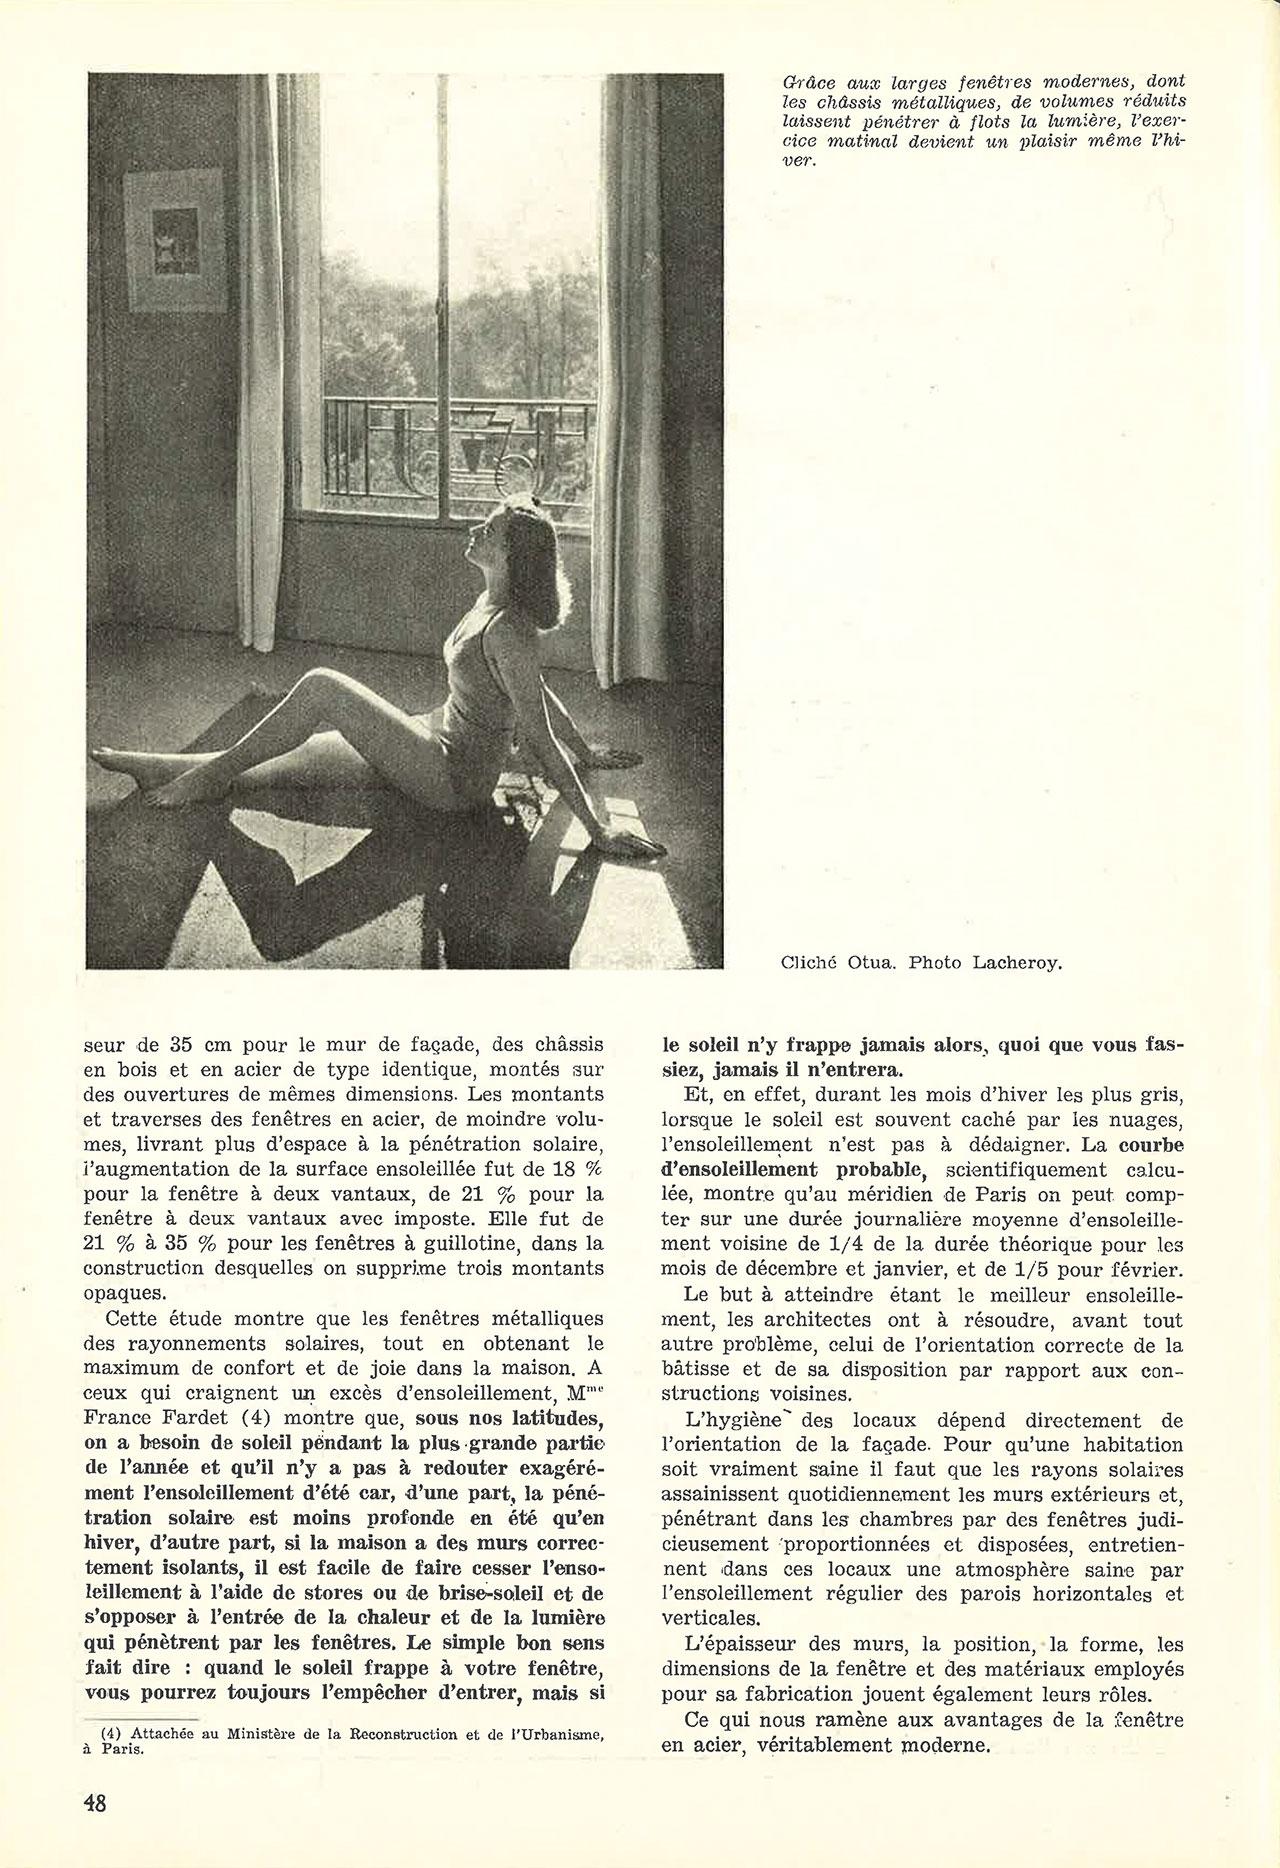 Histoire de la fenêtre